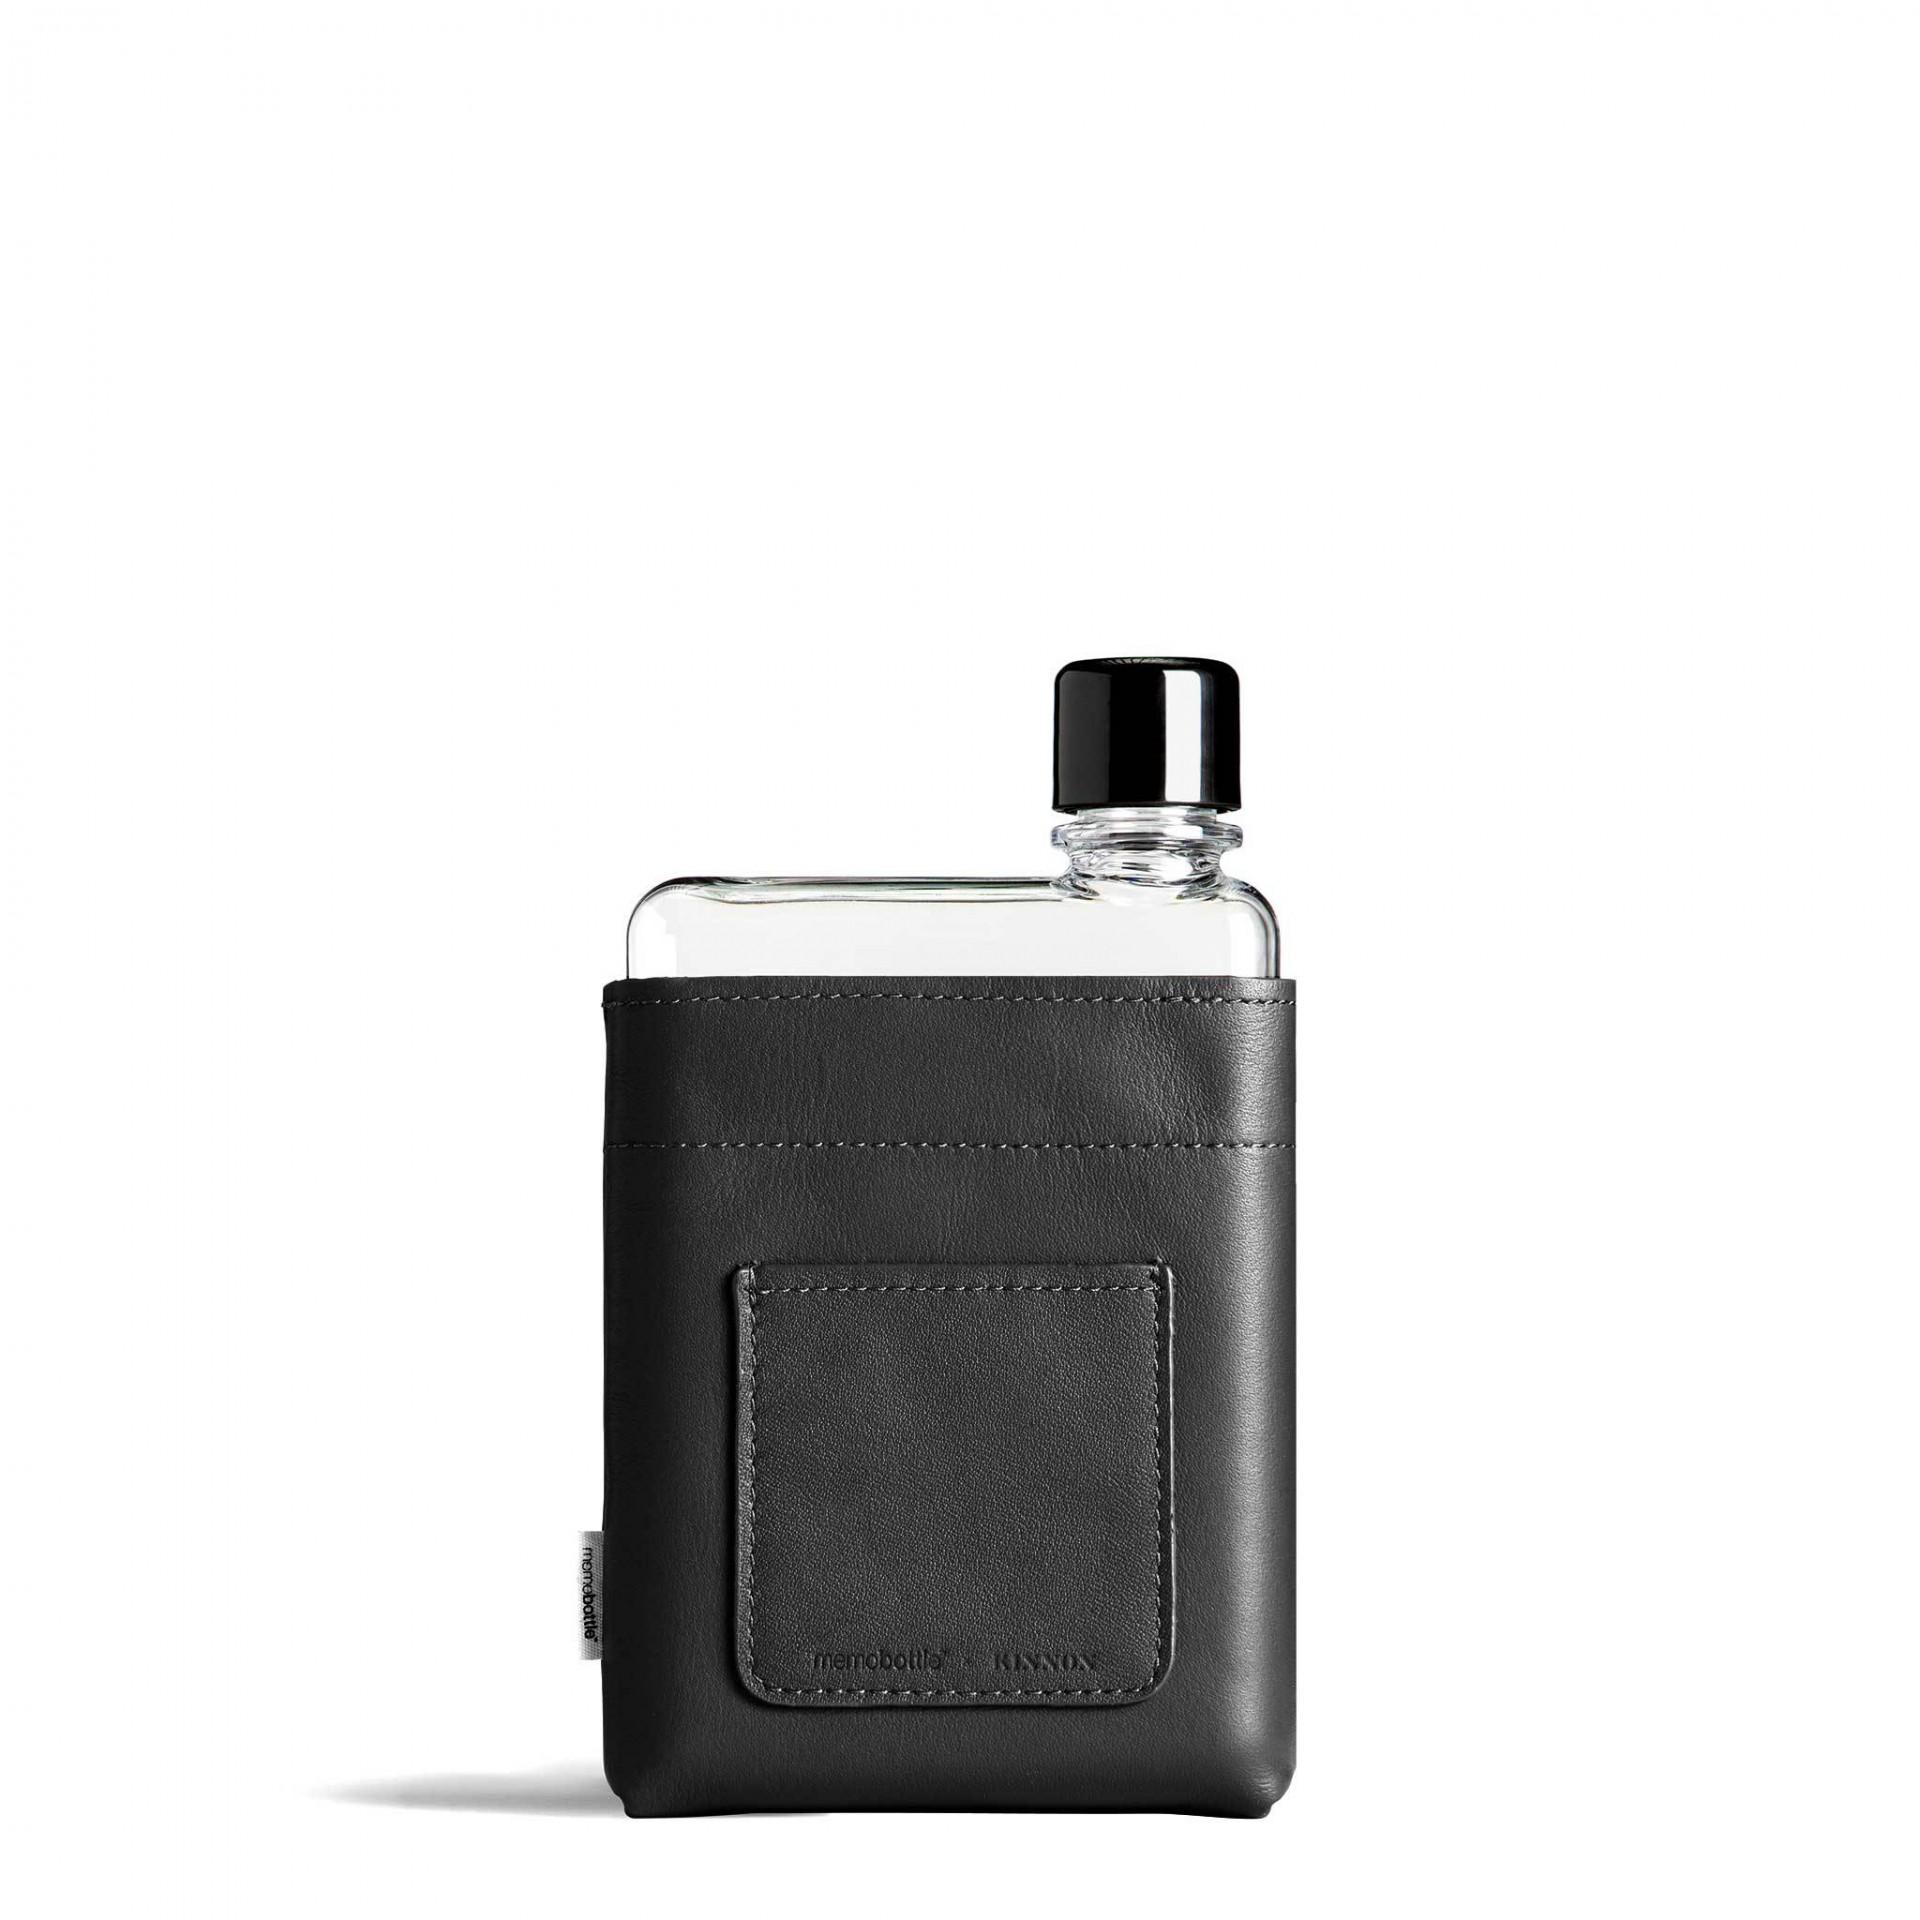 A6 Black Leather Sleeve memobottle